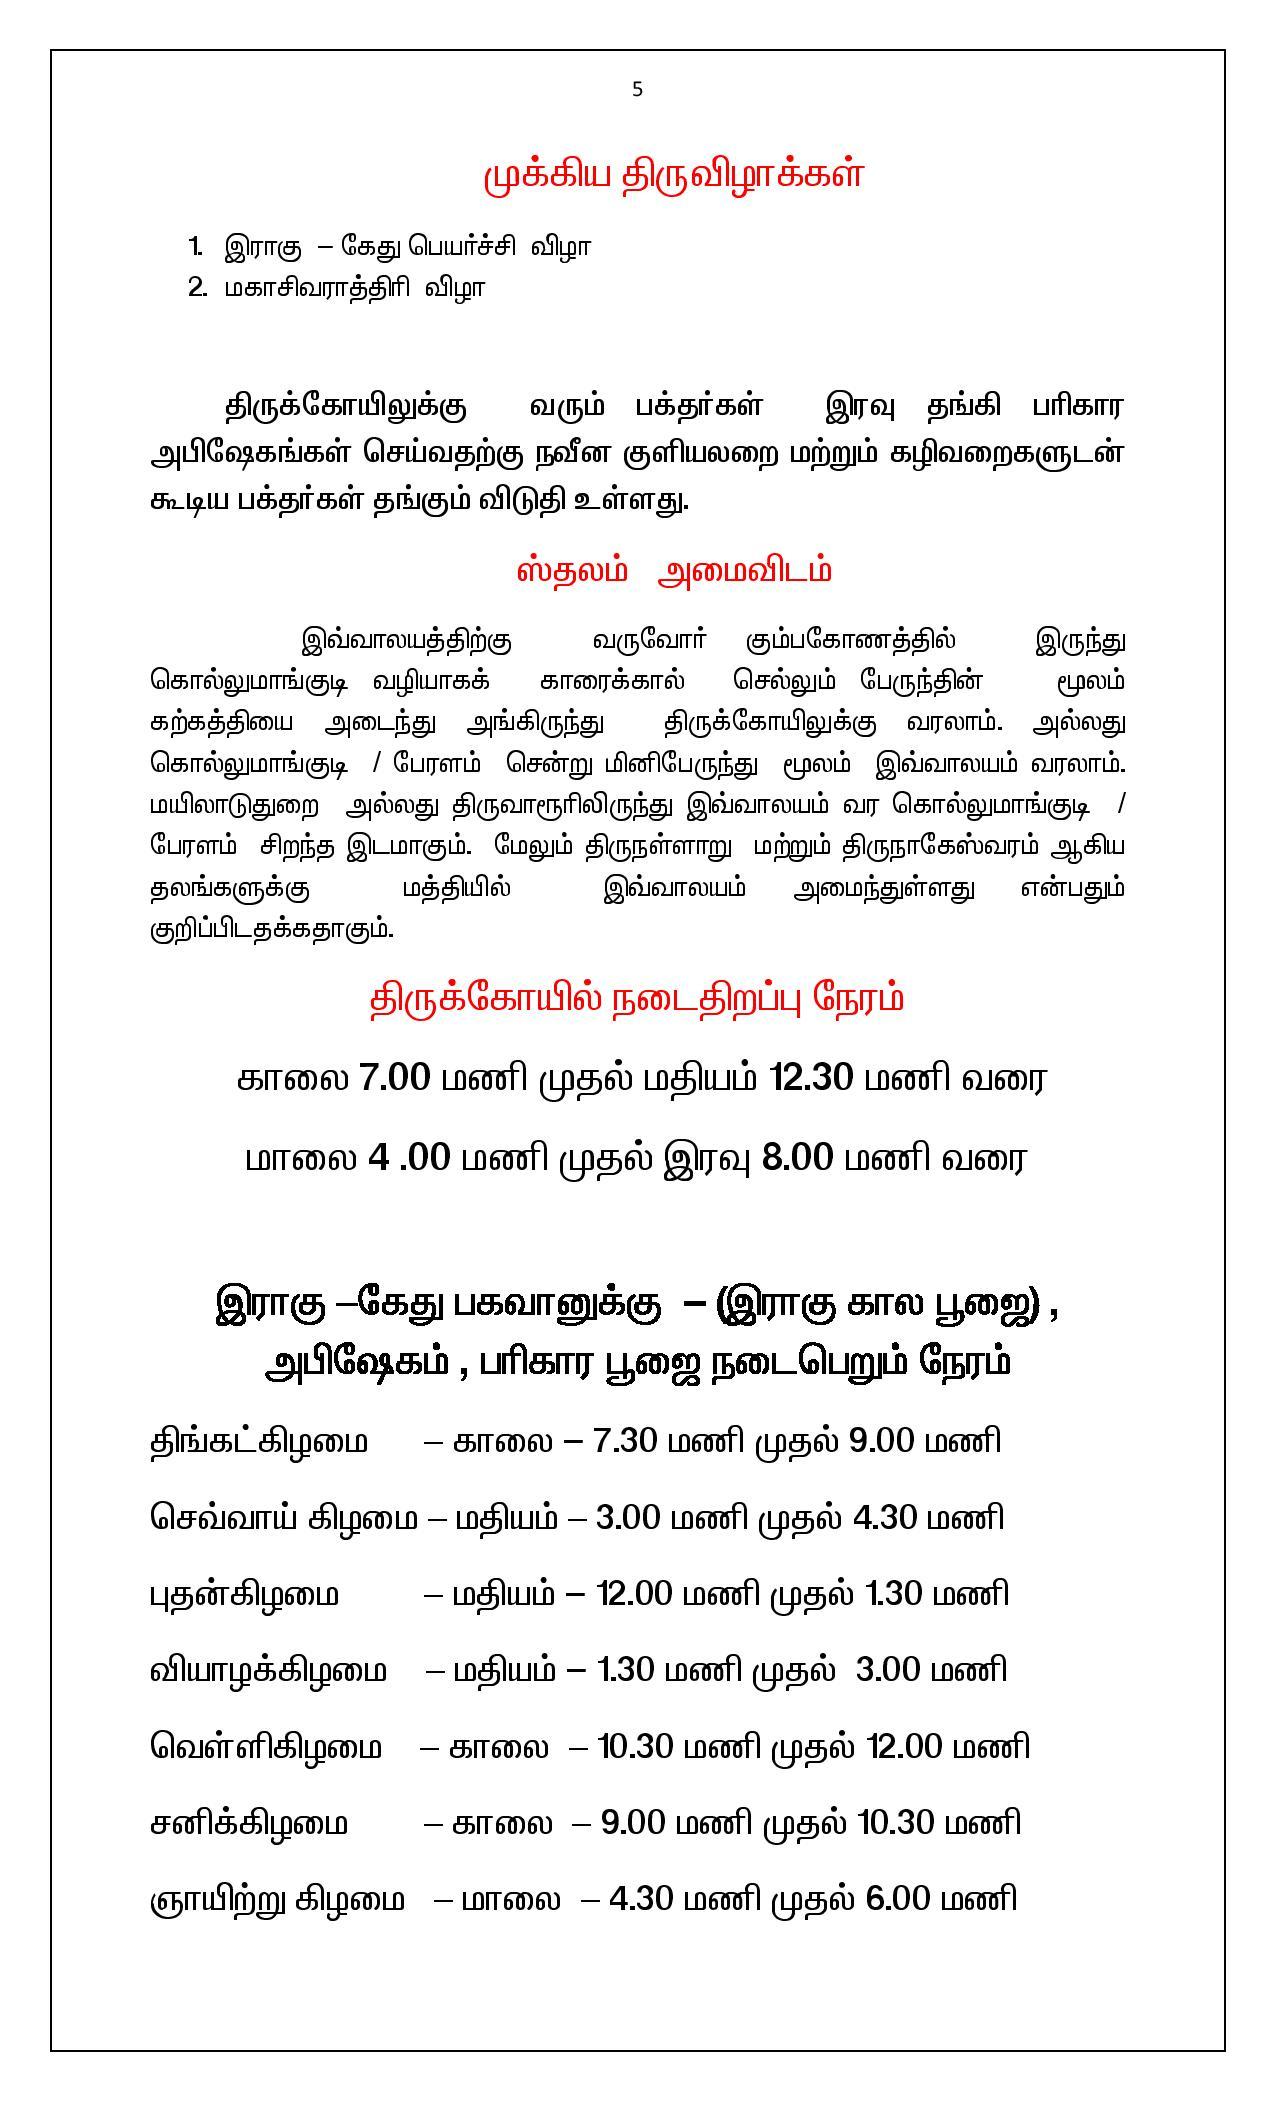 Hislory thiru pambupuram temple-page-005